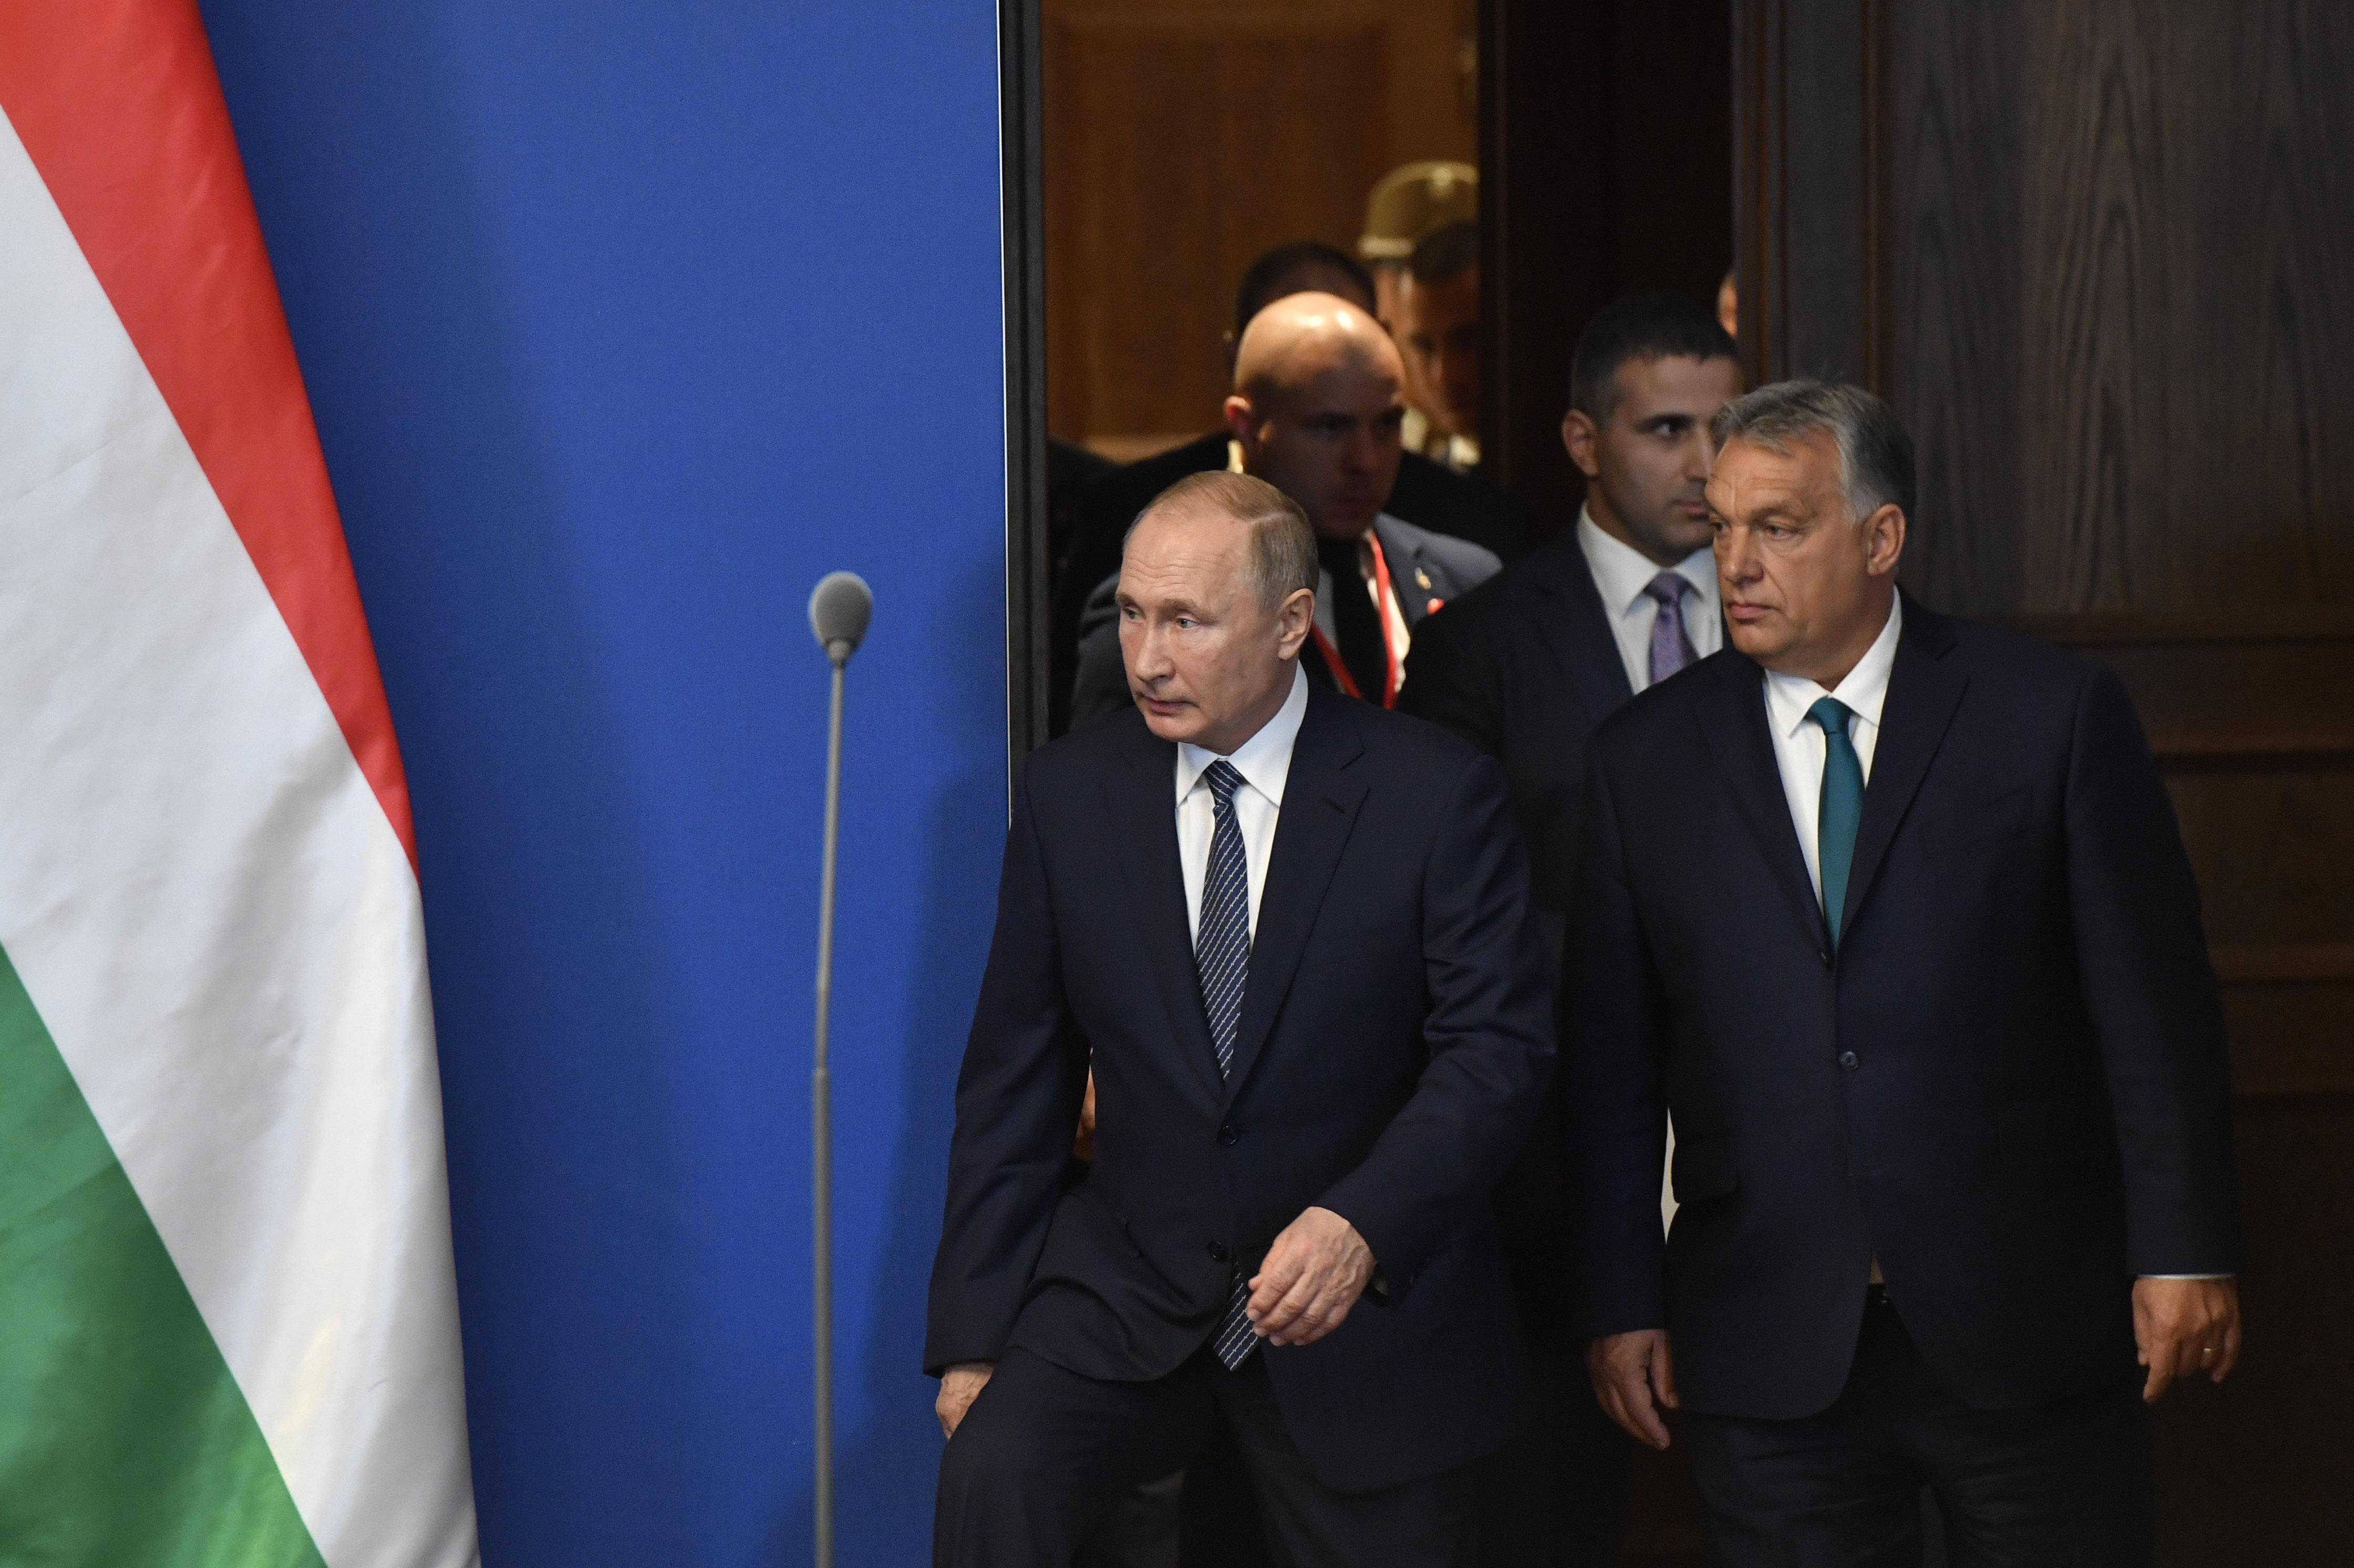 Színes pénisszel ne tisztelegjen Putyin előtt! | hu